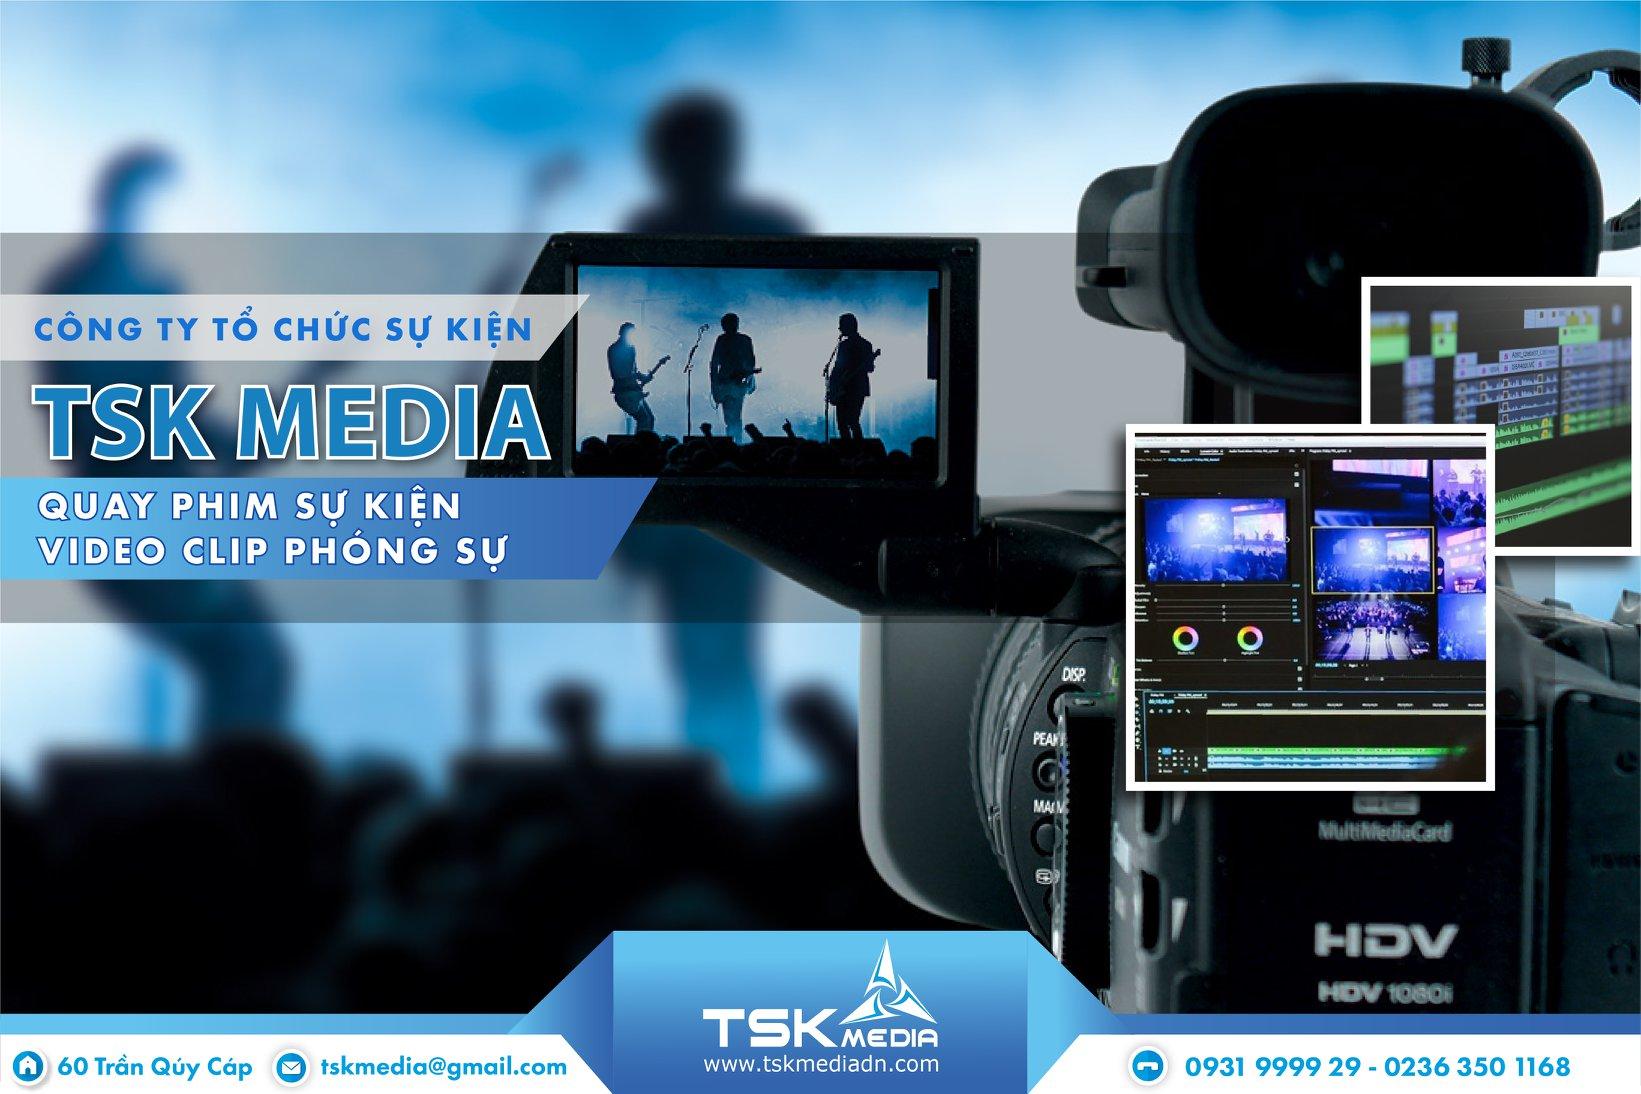 Hình thức truyền thông quay phóng sự doanh nghiệp